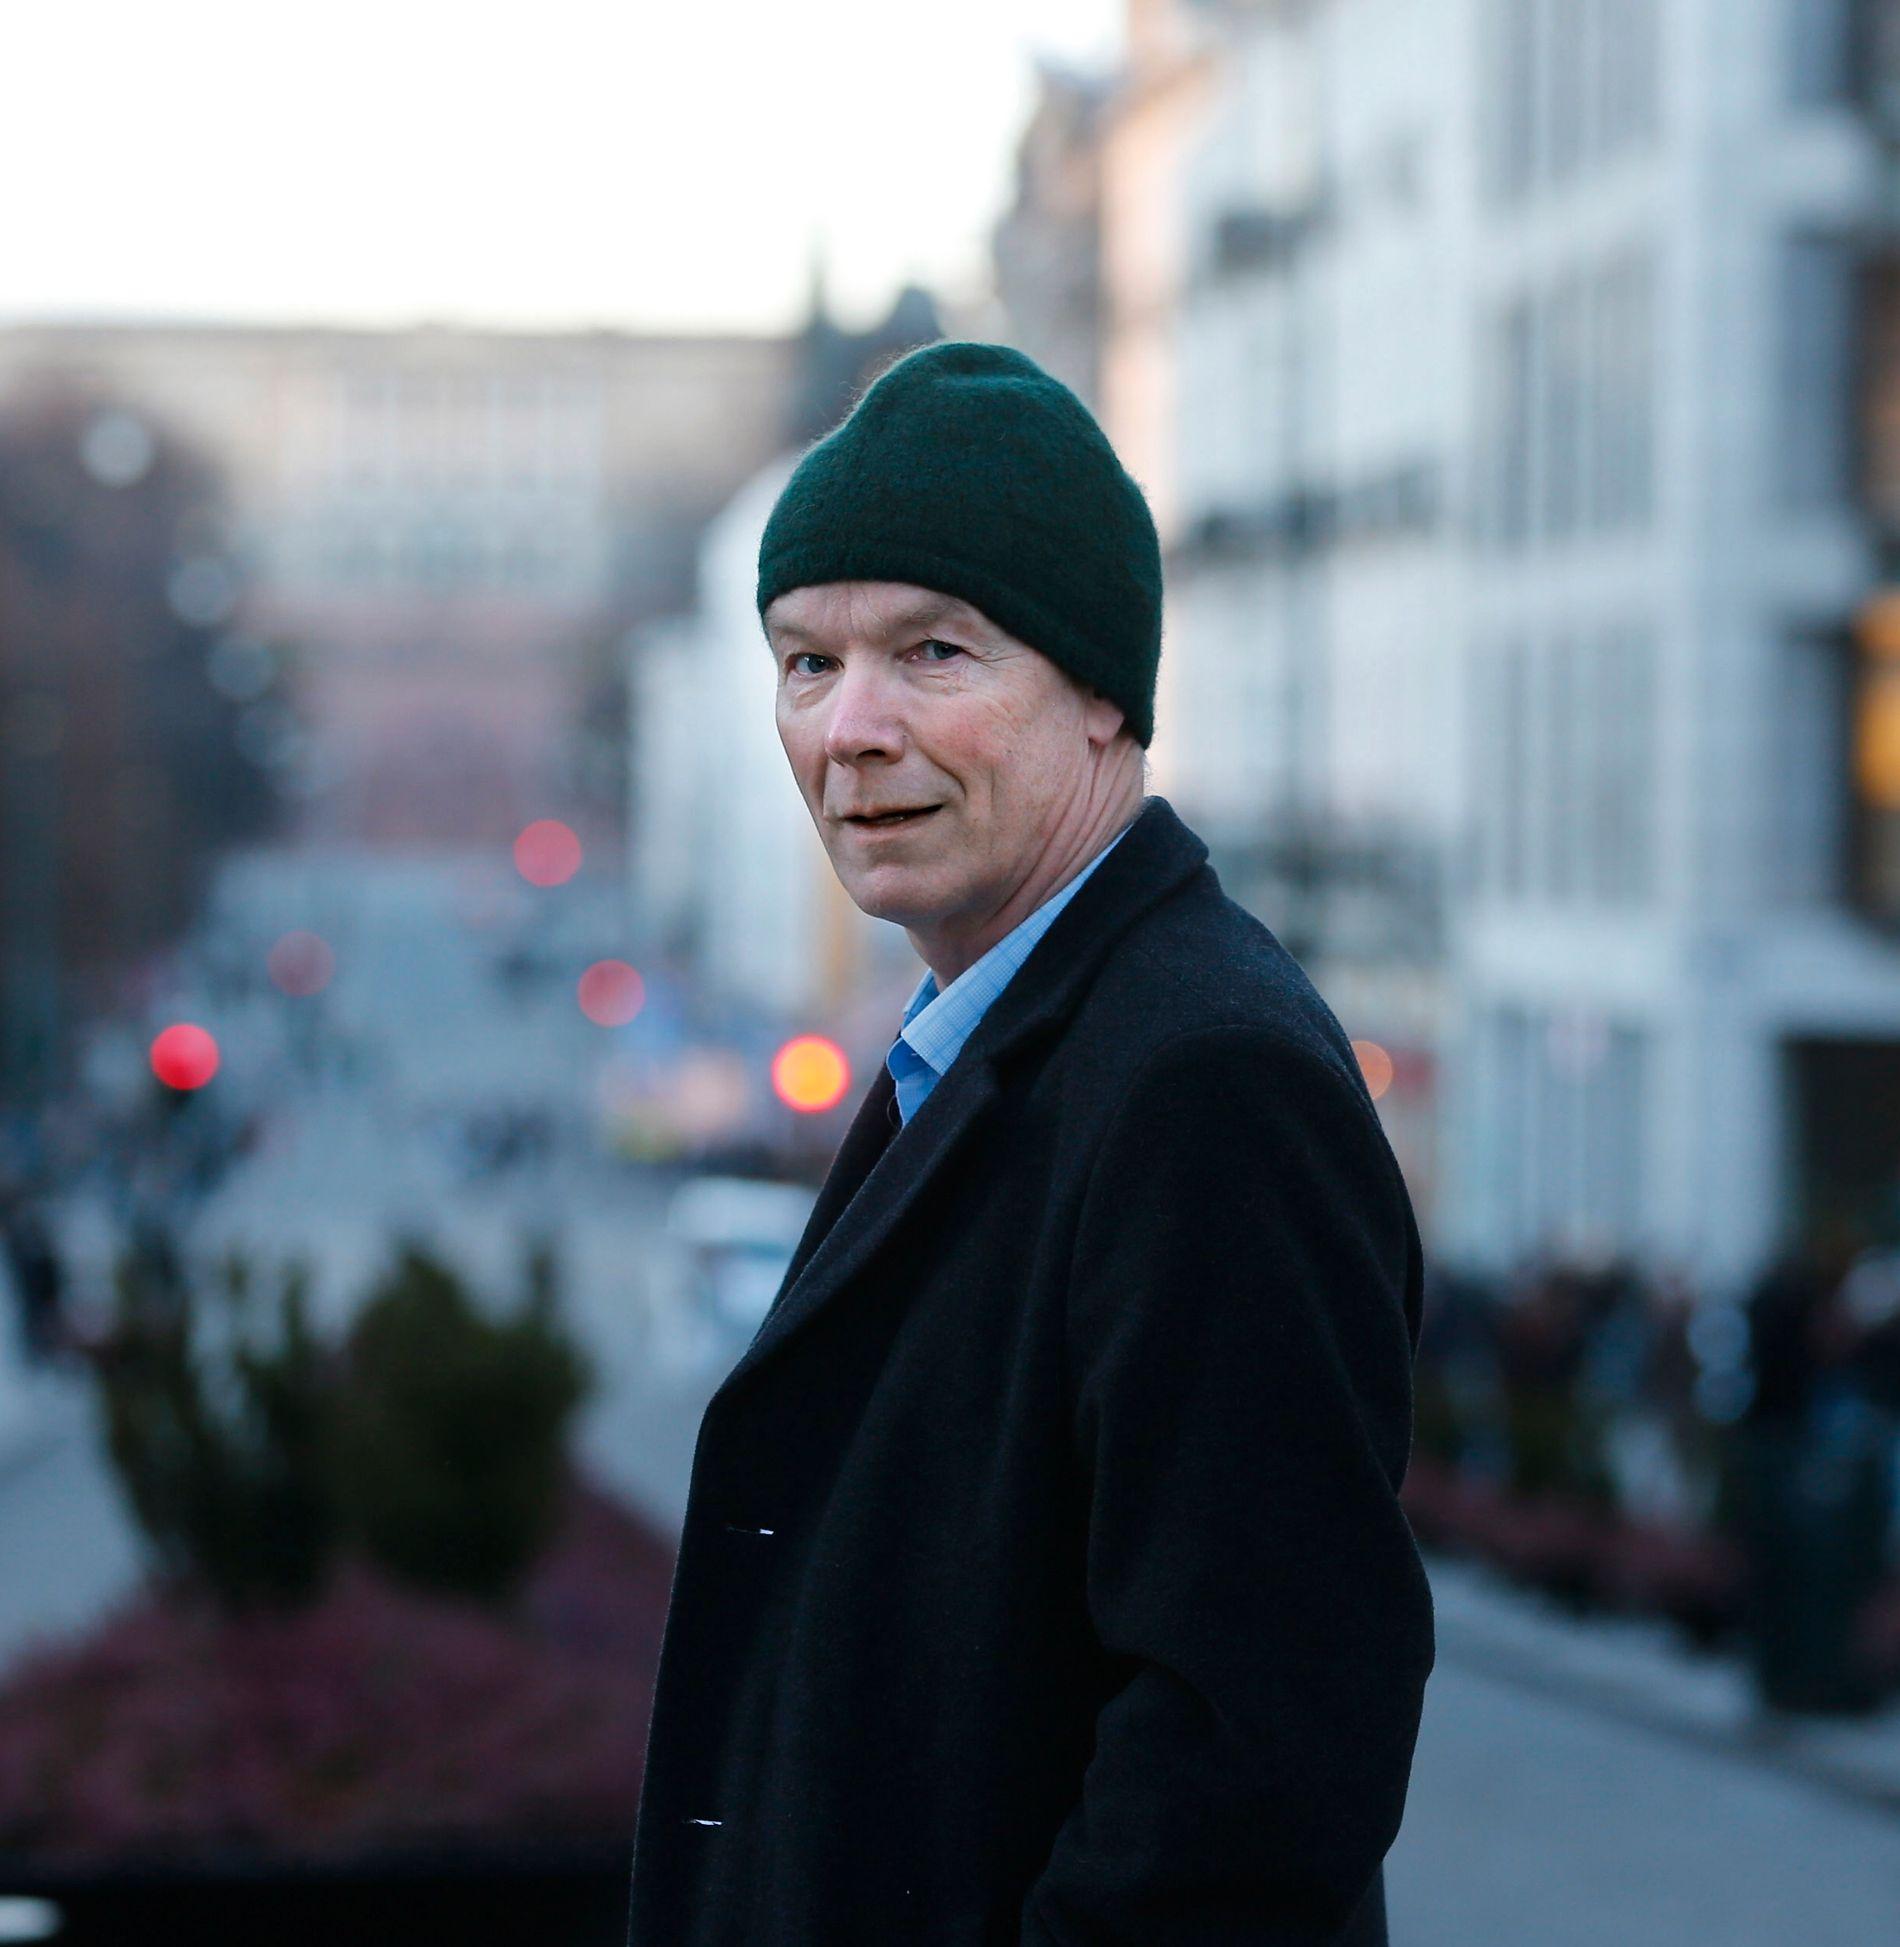 GIR RIKSREVISJONEN RETT: Alarmen fra de tillitsvalgte i HV går til kjernen i kritikken, sier Per Olaf Lundteigen (Sp).